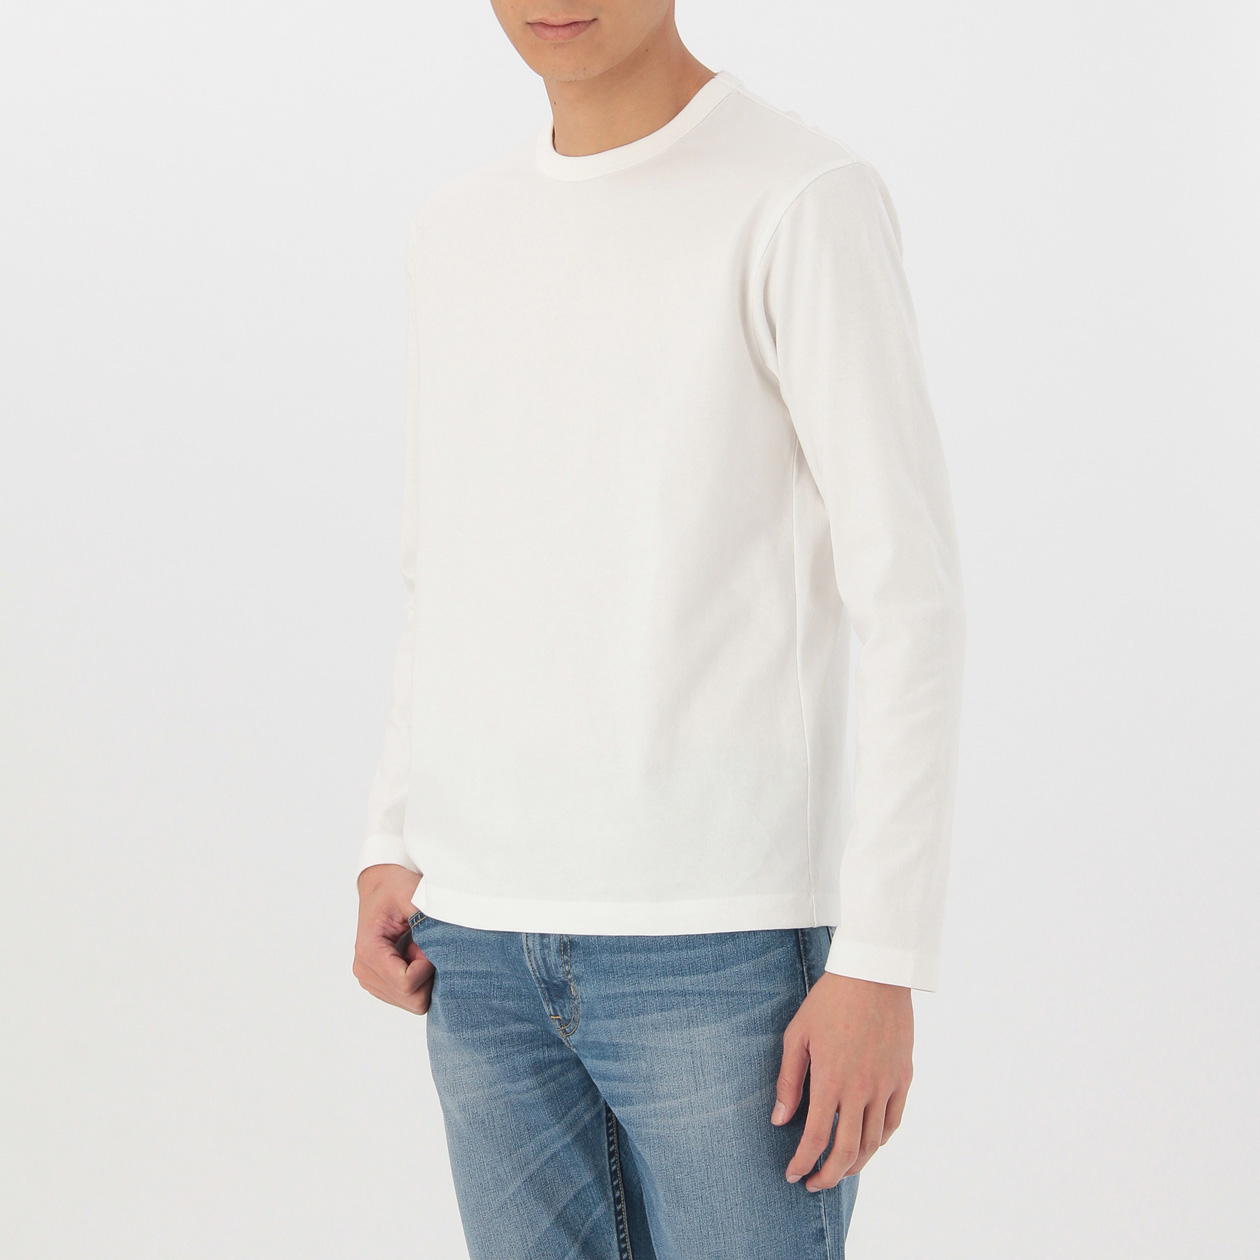 オーガニックコットン太番手クルーネック長袖Tシャツ